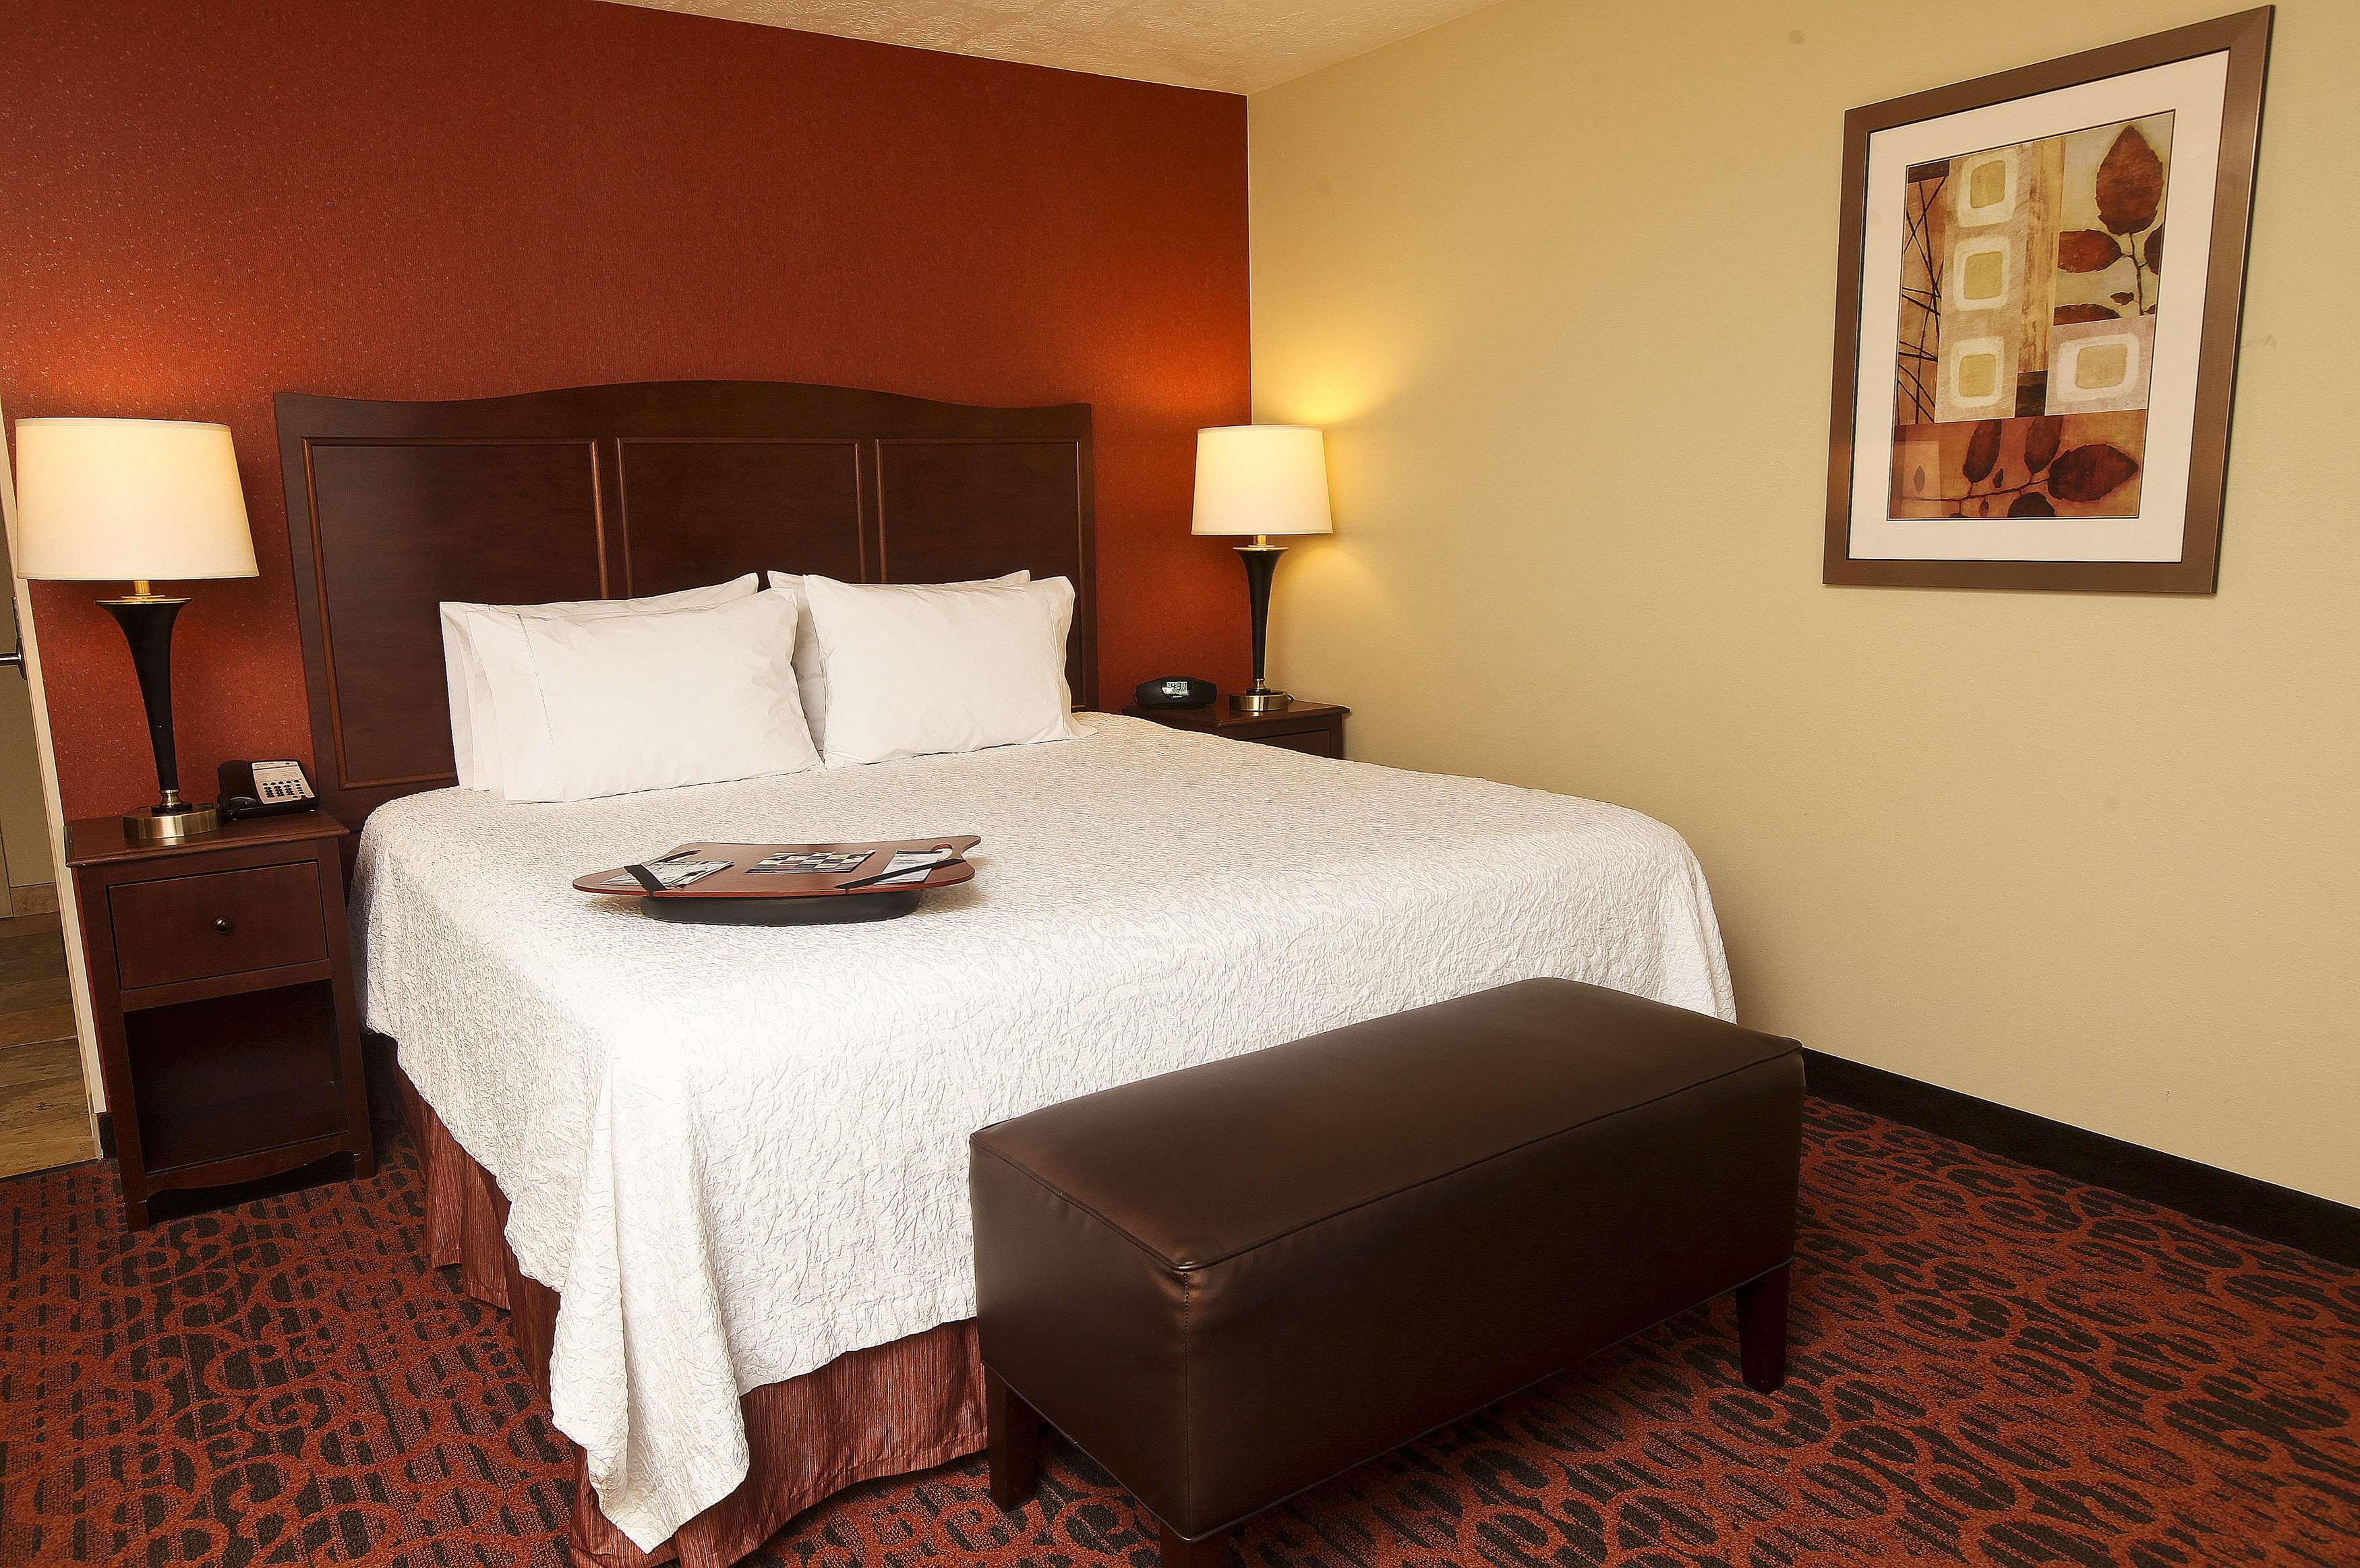 Hampton Inn & Suites Fargo image 22